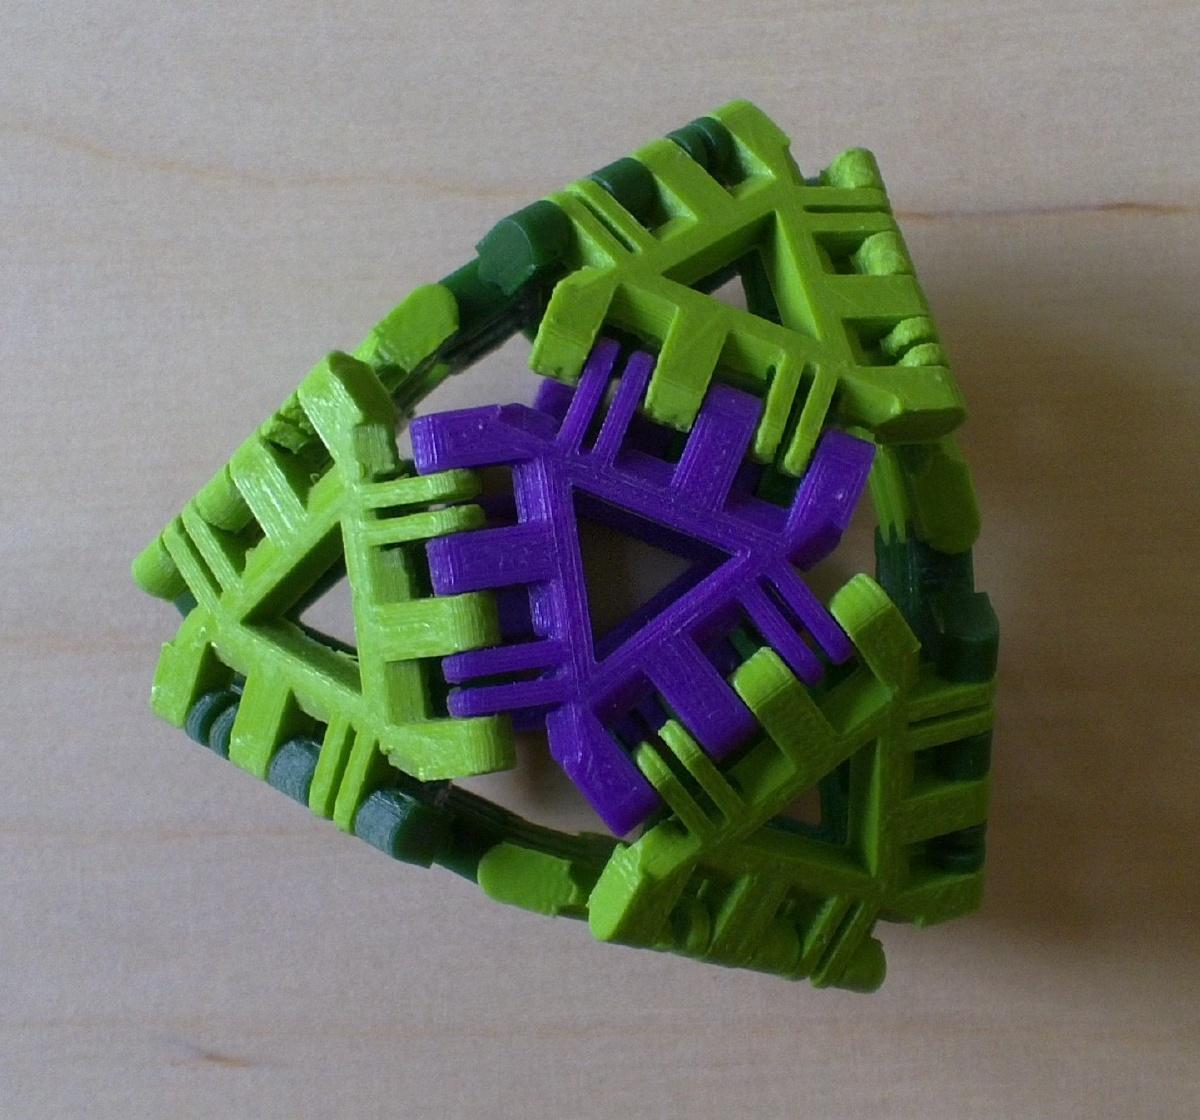 Triaugmented Triangular Prism